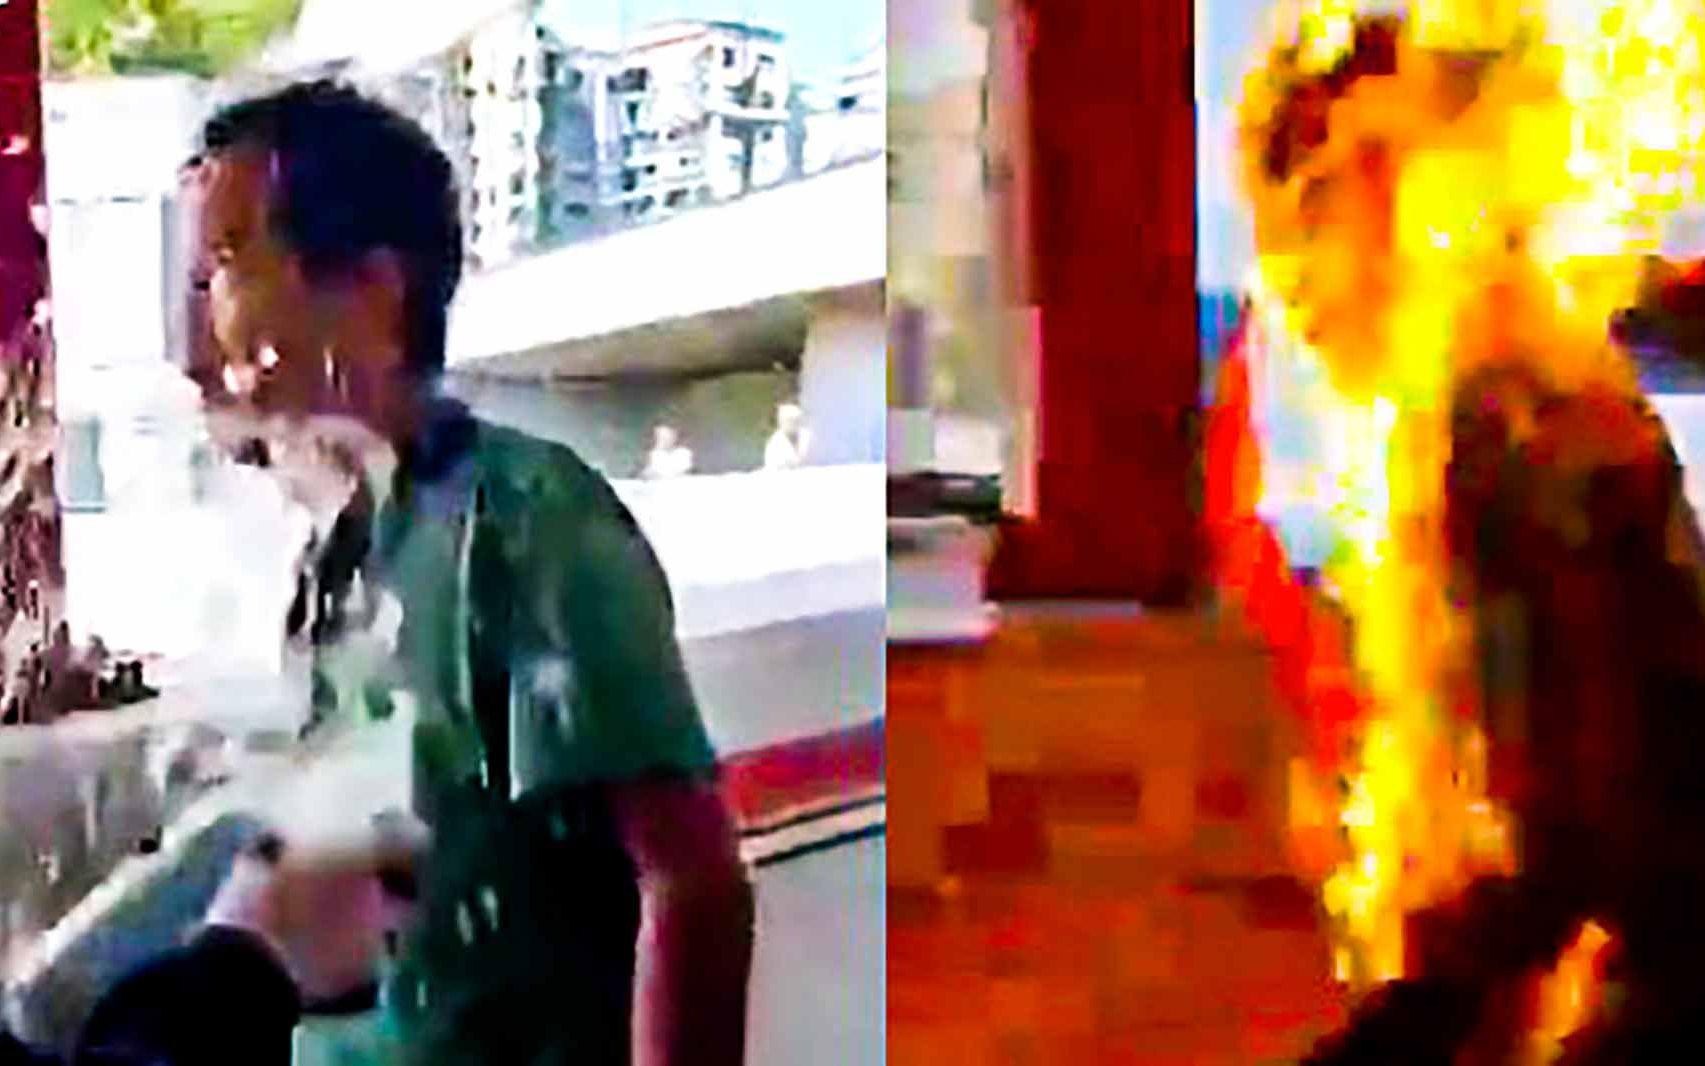 【实录】丧心病狂!香港暴徒街头点火烧人